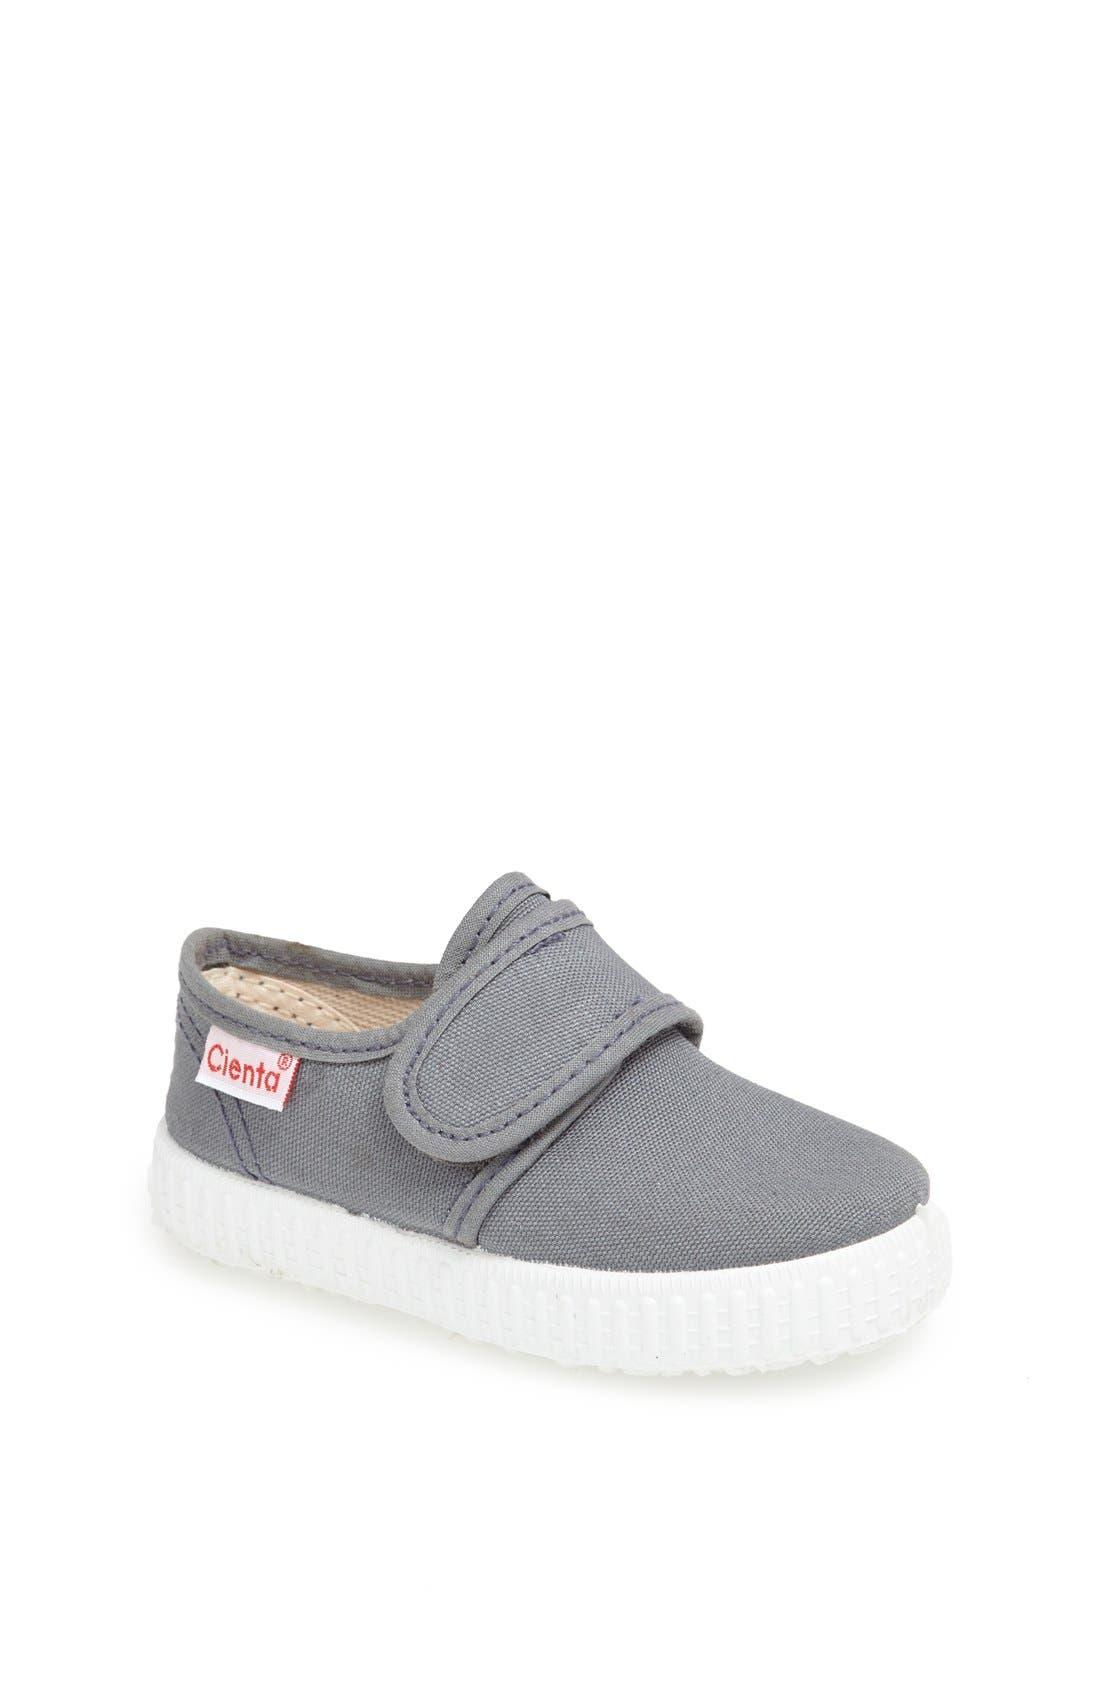 Canvas Sneaker,                         Main,                         color, GREY